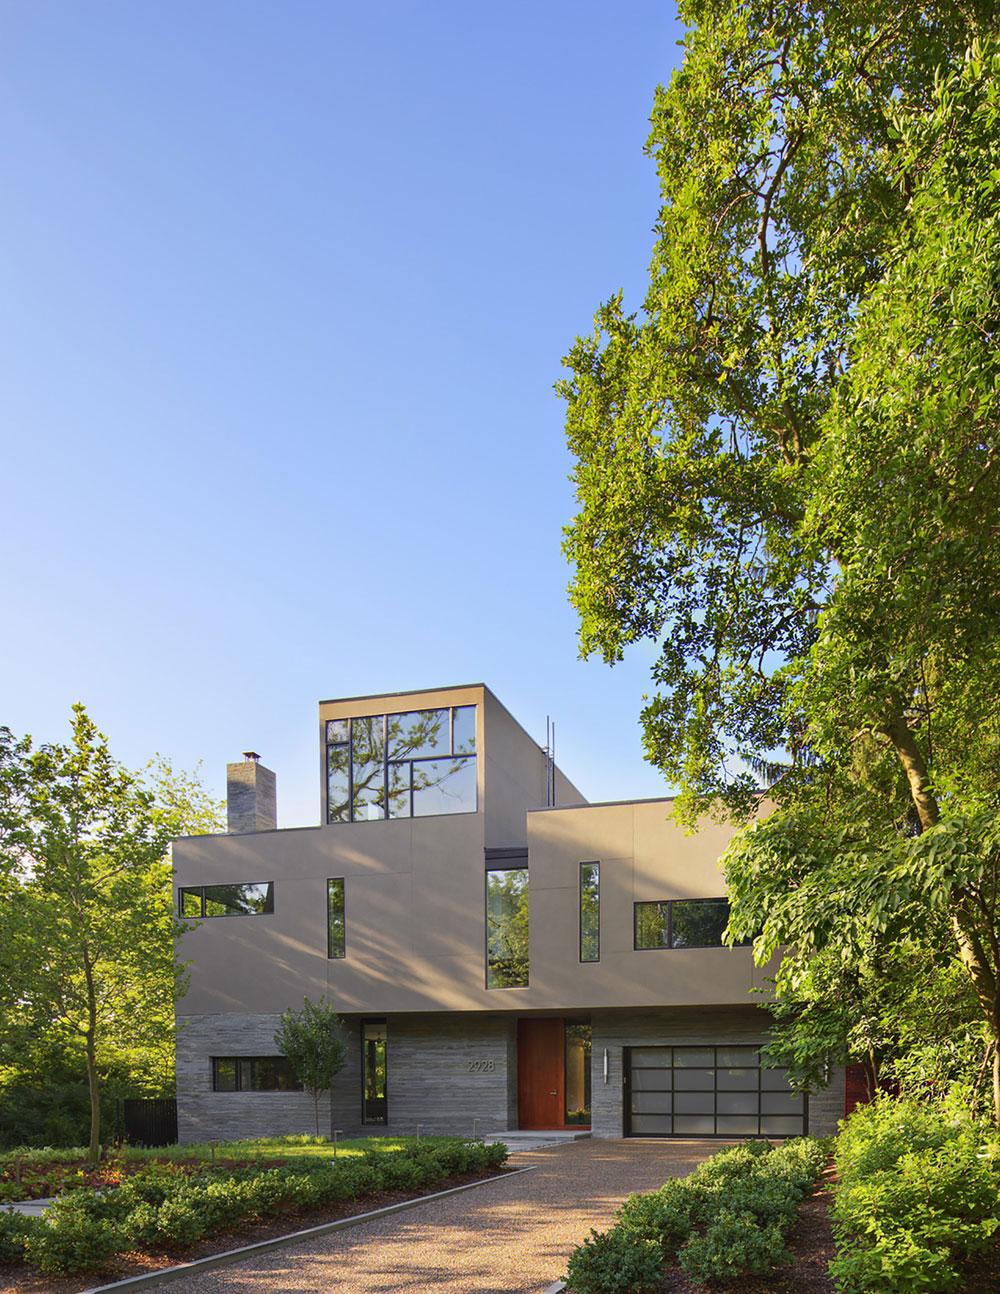 Brandywine-huset-är-en-inredning-design-och-arkitektur-inspiration-1 Brandywine huset är en inspiration för inredning och arkitektur